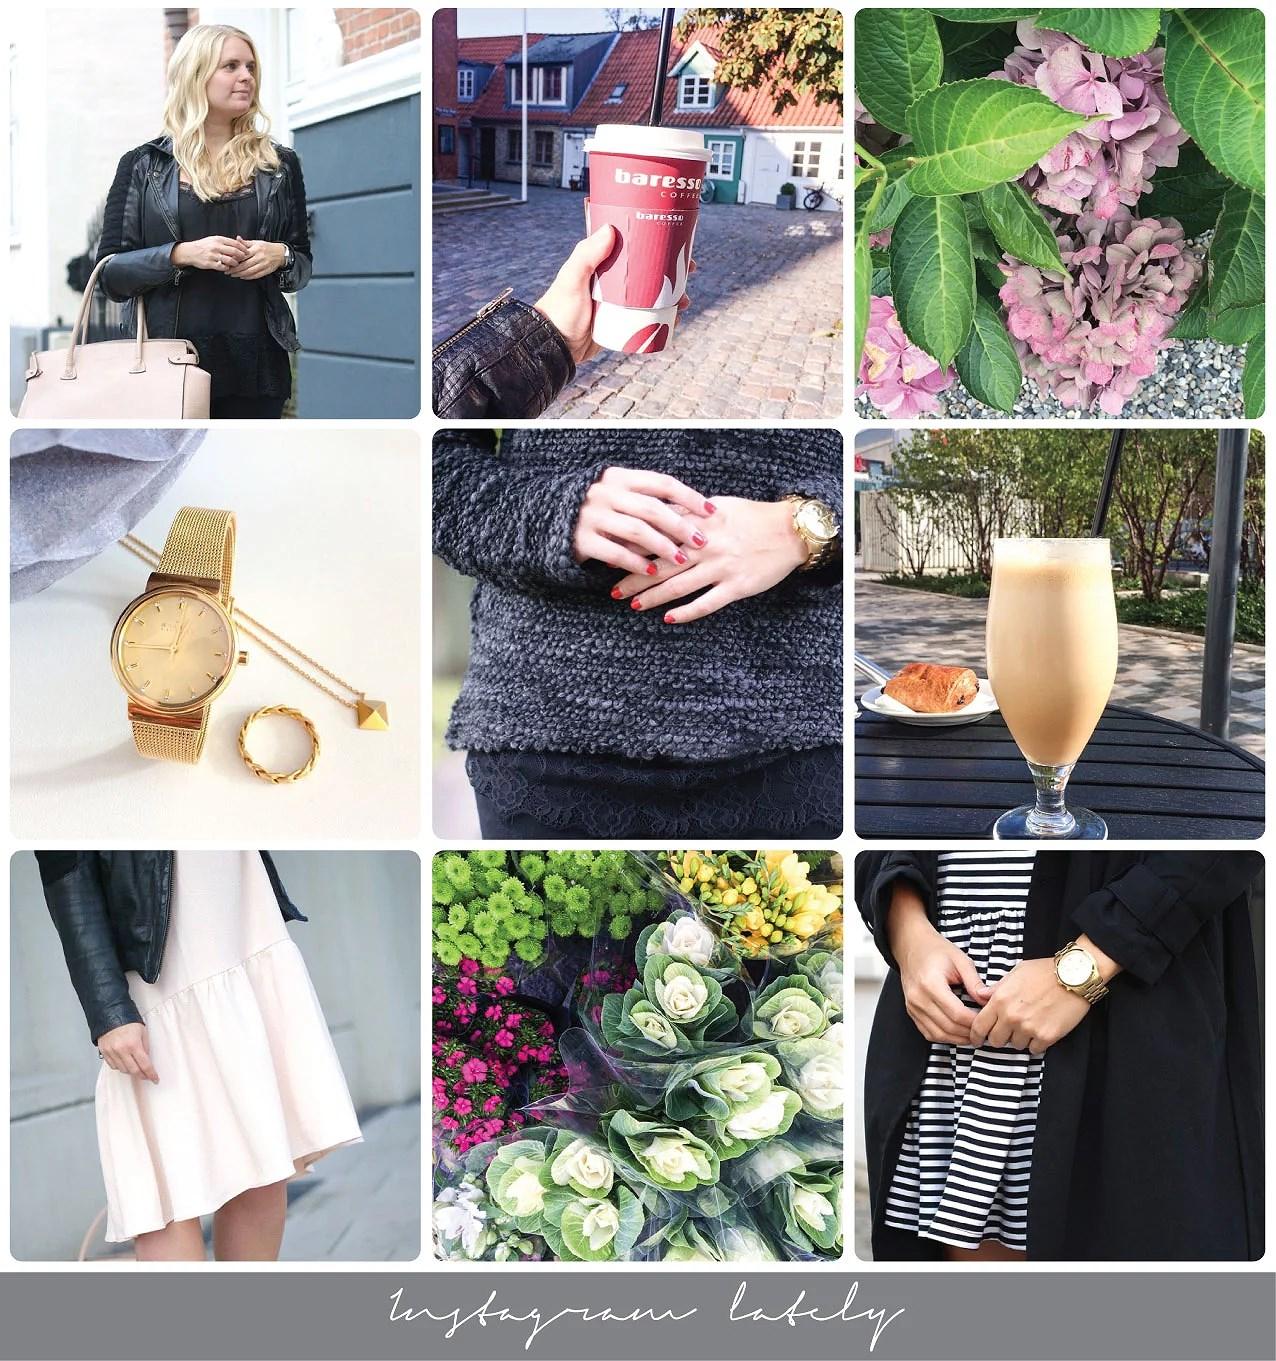 Modeblog, Instagram